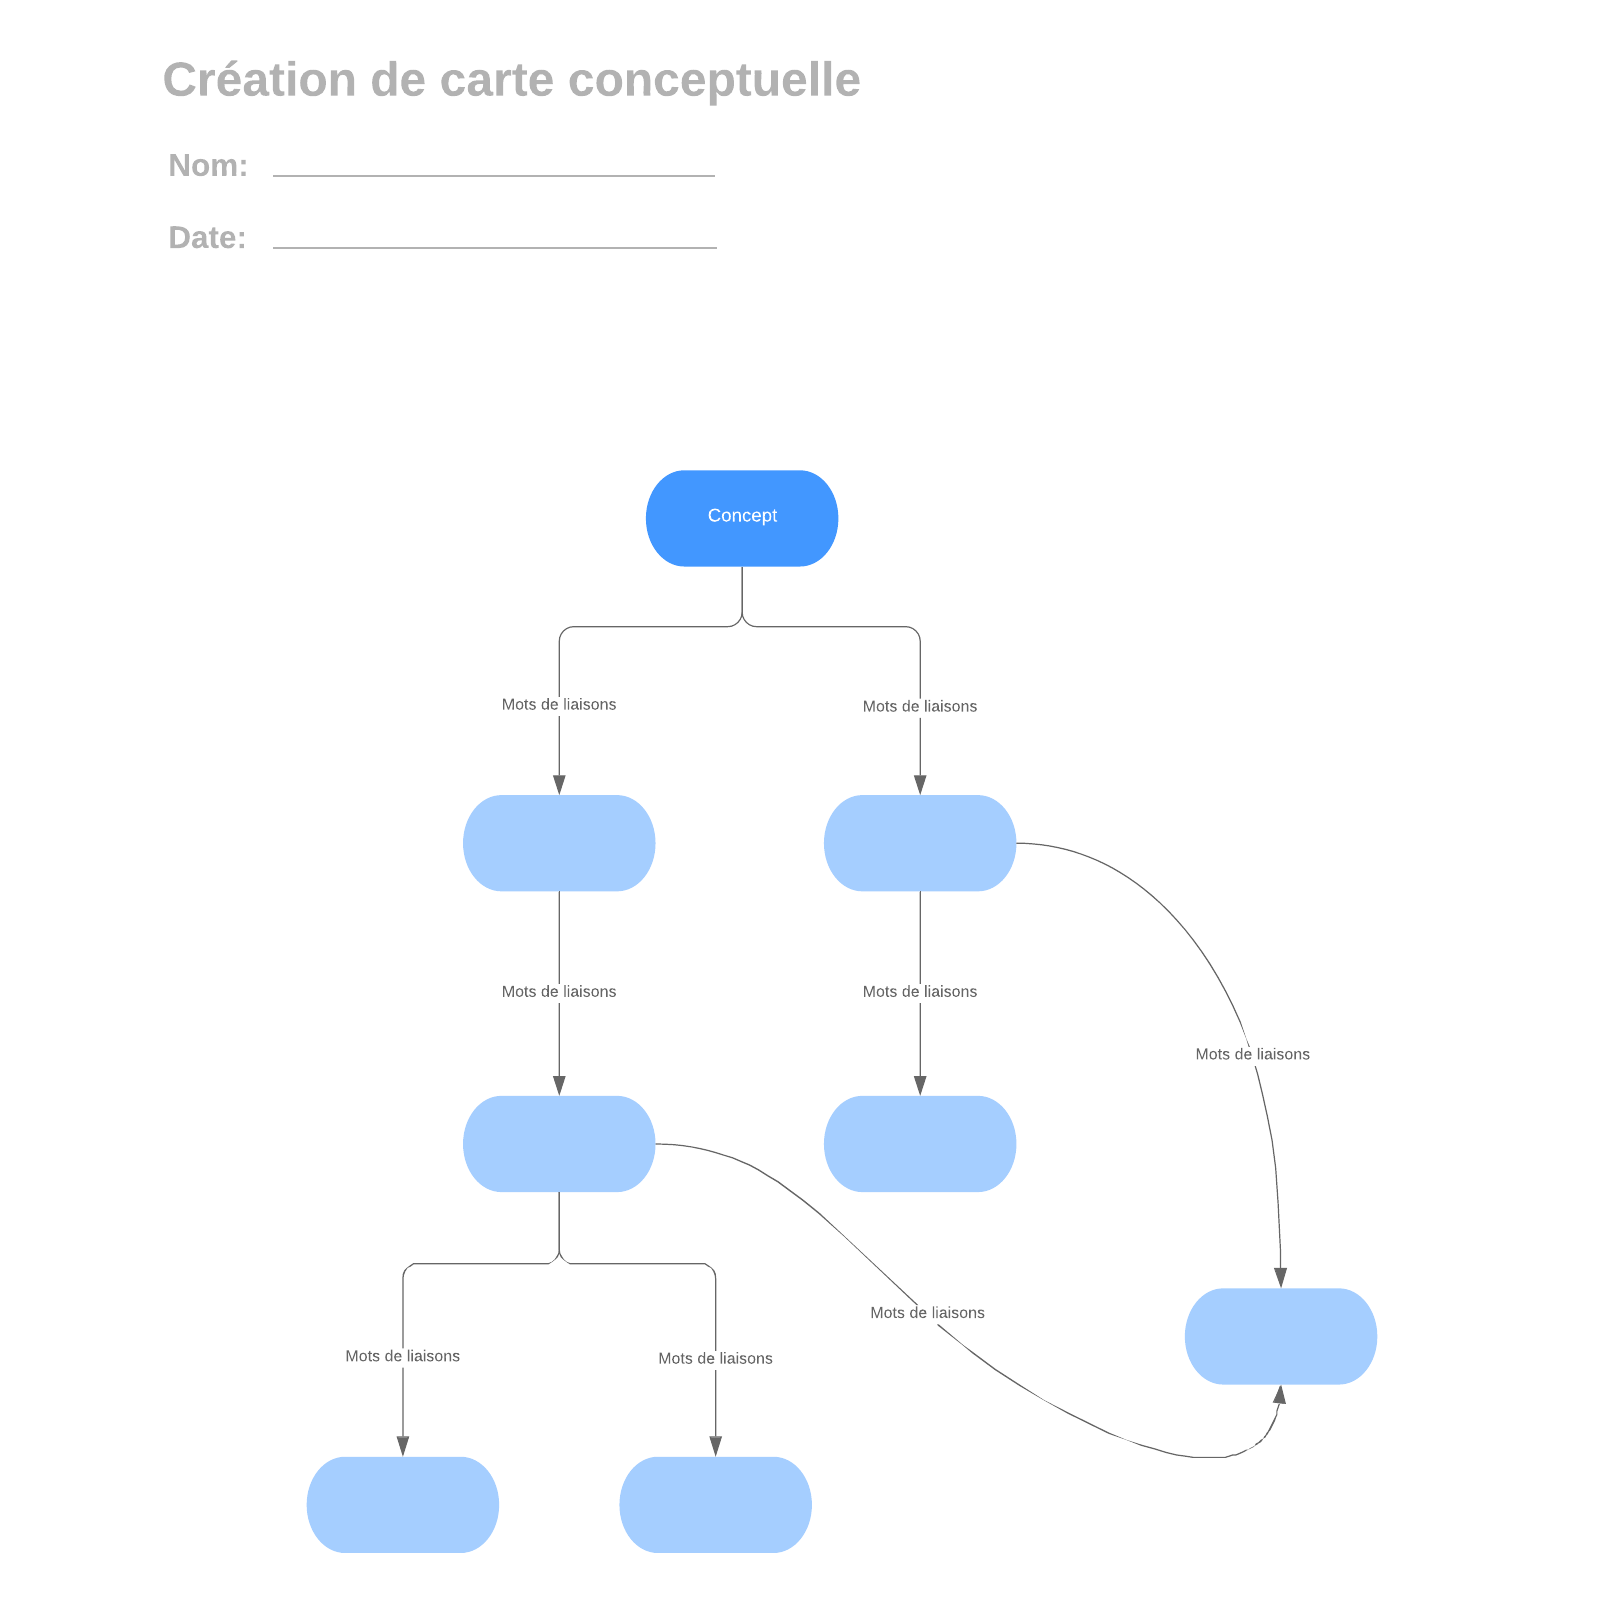 exemple de carte conceptuelle vierge